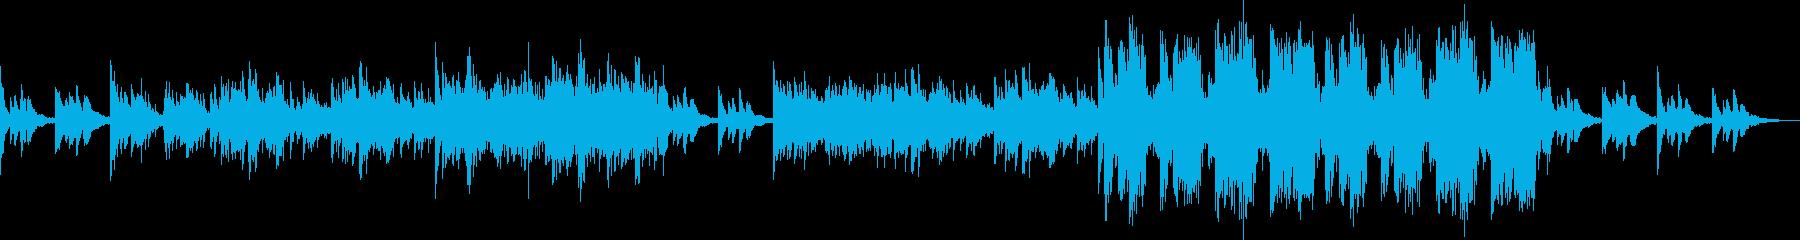 浮遊感漂う切ないピアノアンビエントの再生済みの波形